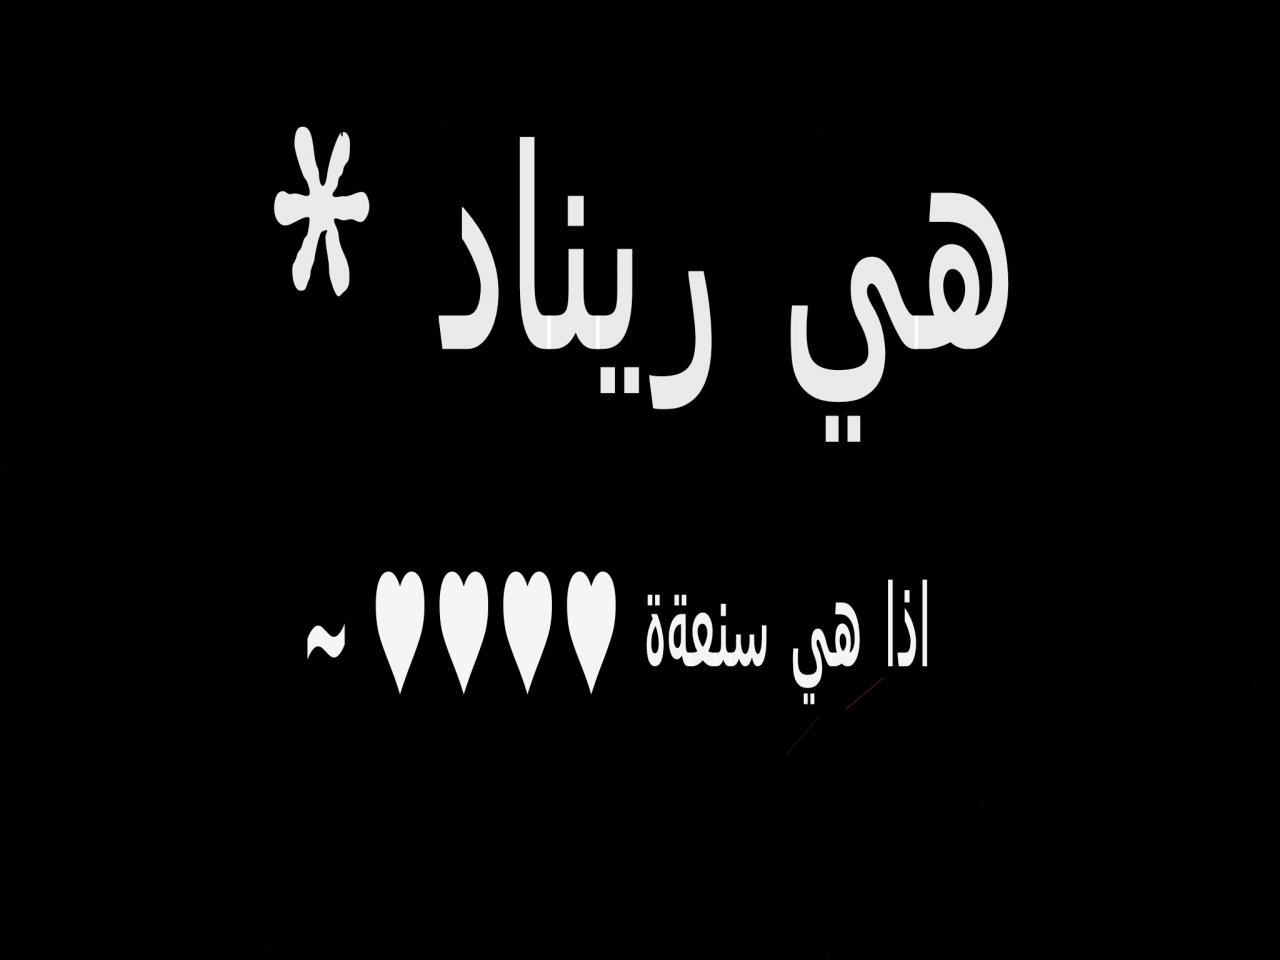 صورة معنى اسم ريناد في اللغة العربية , تعرف على المعنى الحقيقي لاسم ريناد